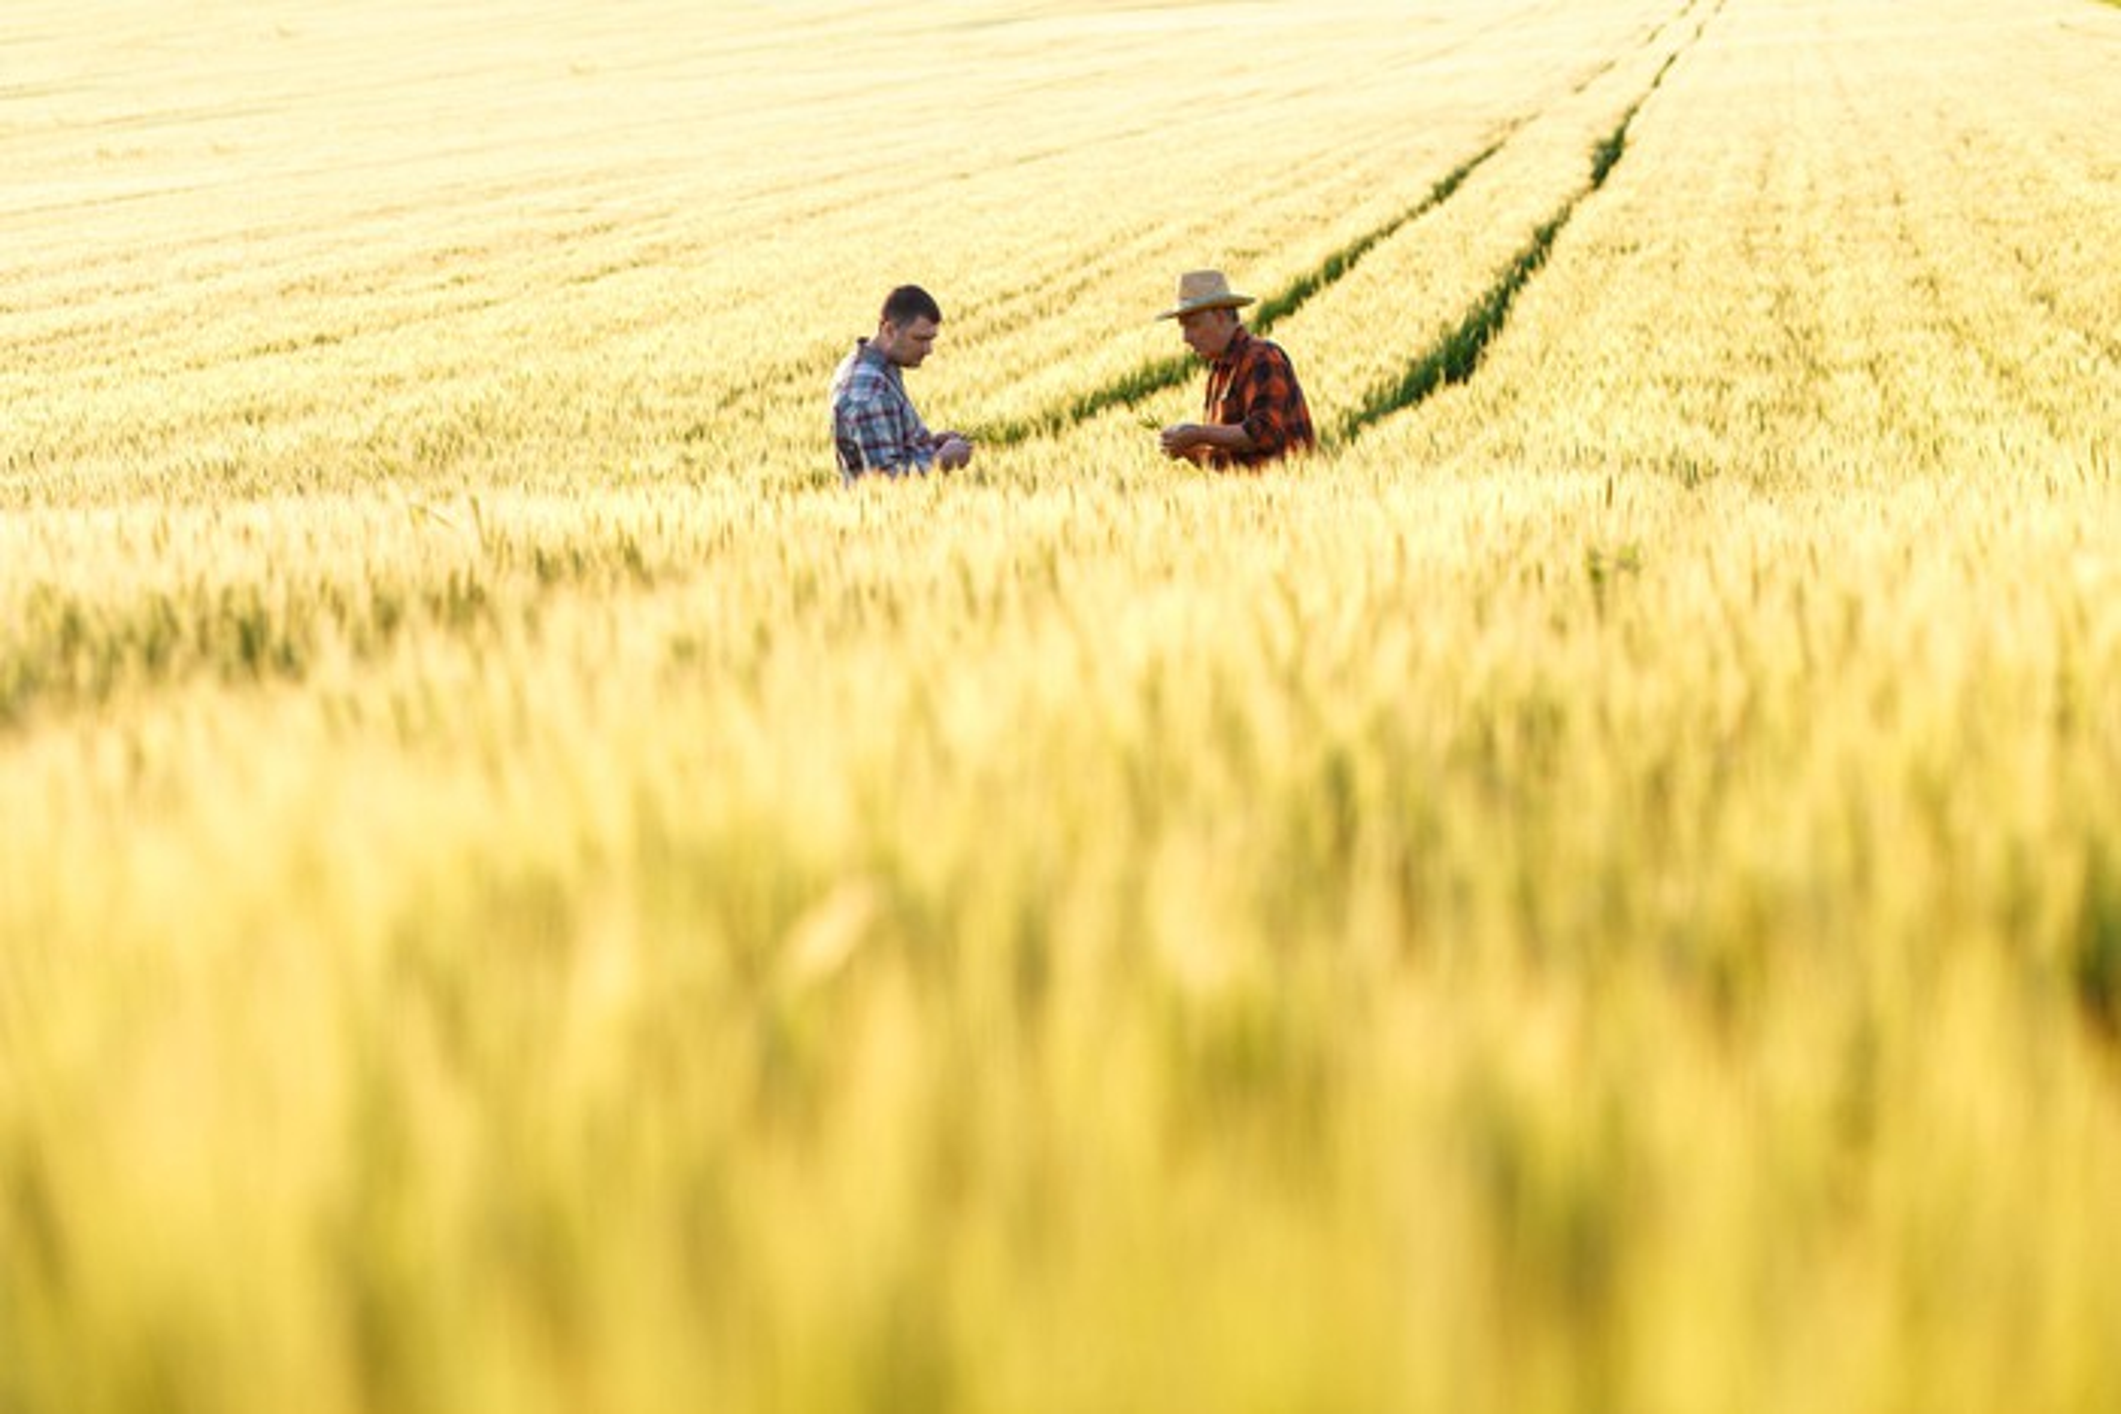 Two farmers in a wheat field